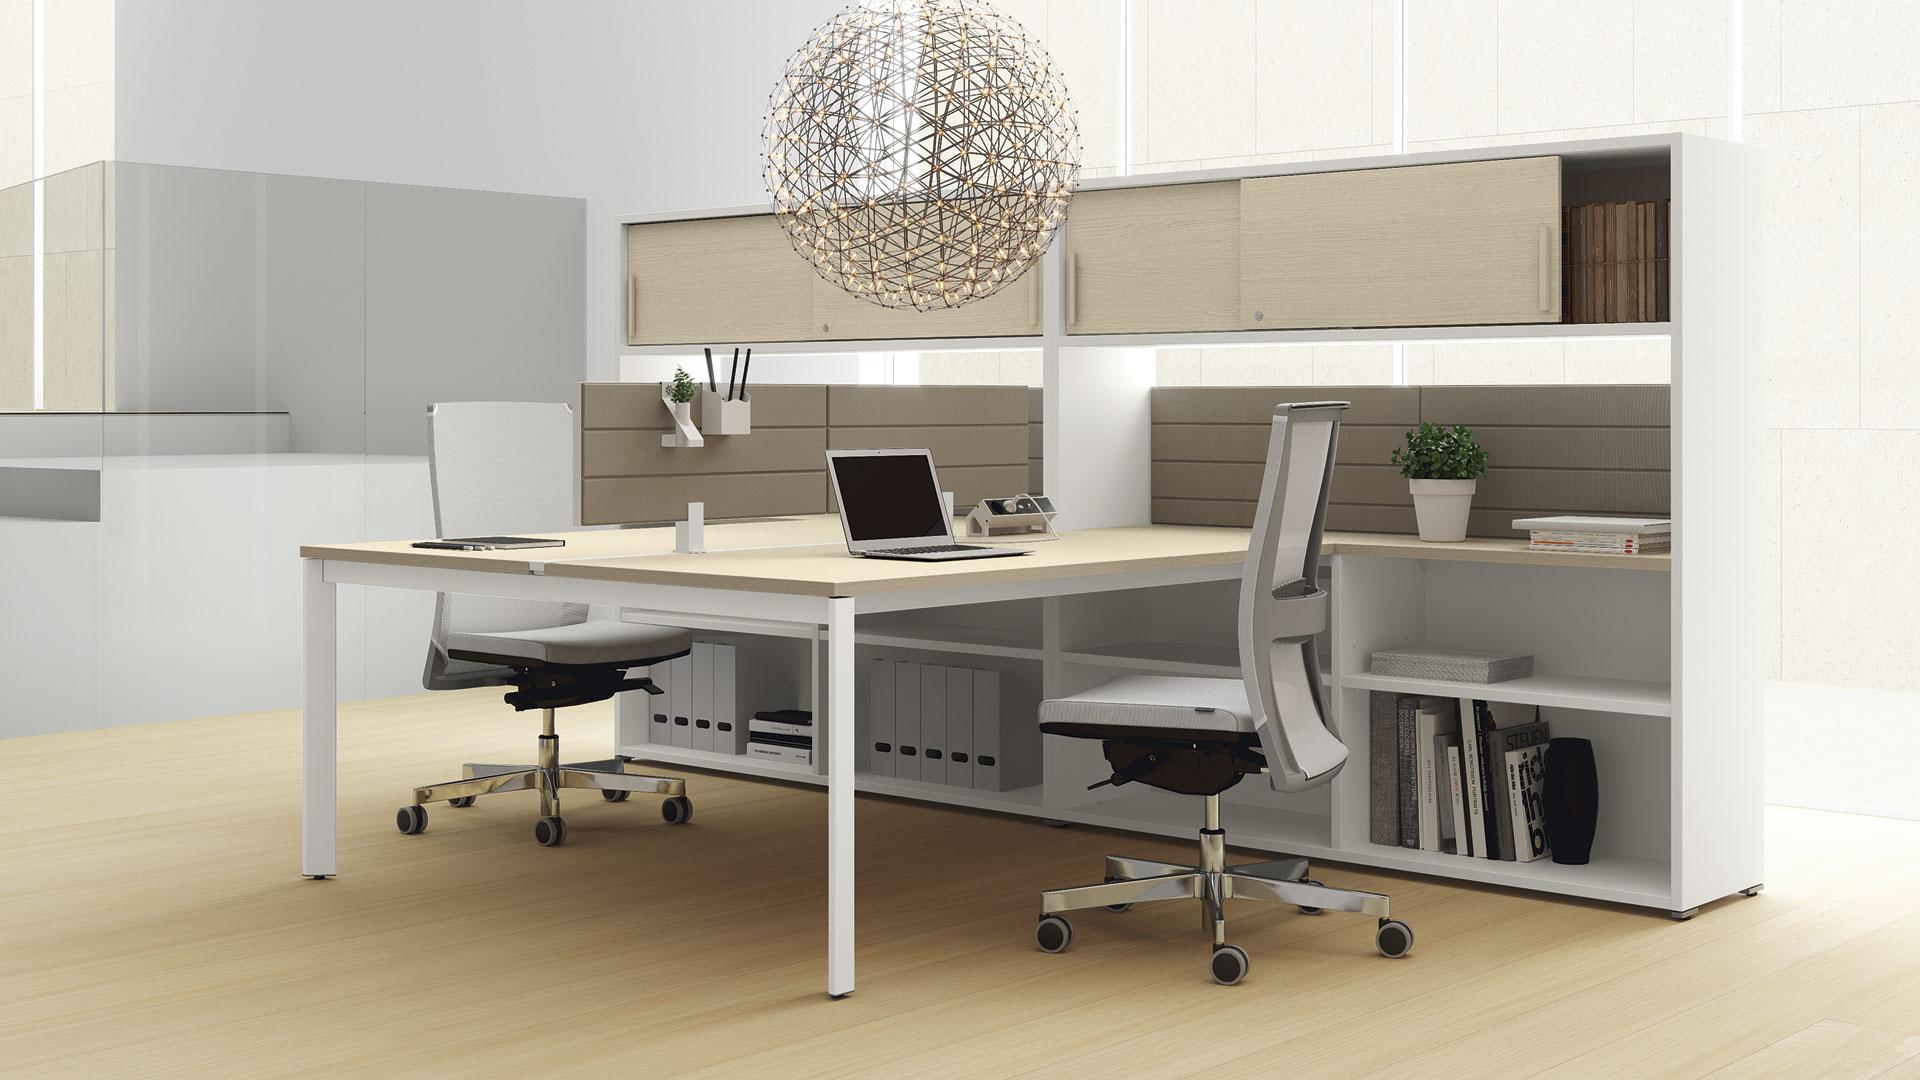 EASY19 - Easy bureaux